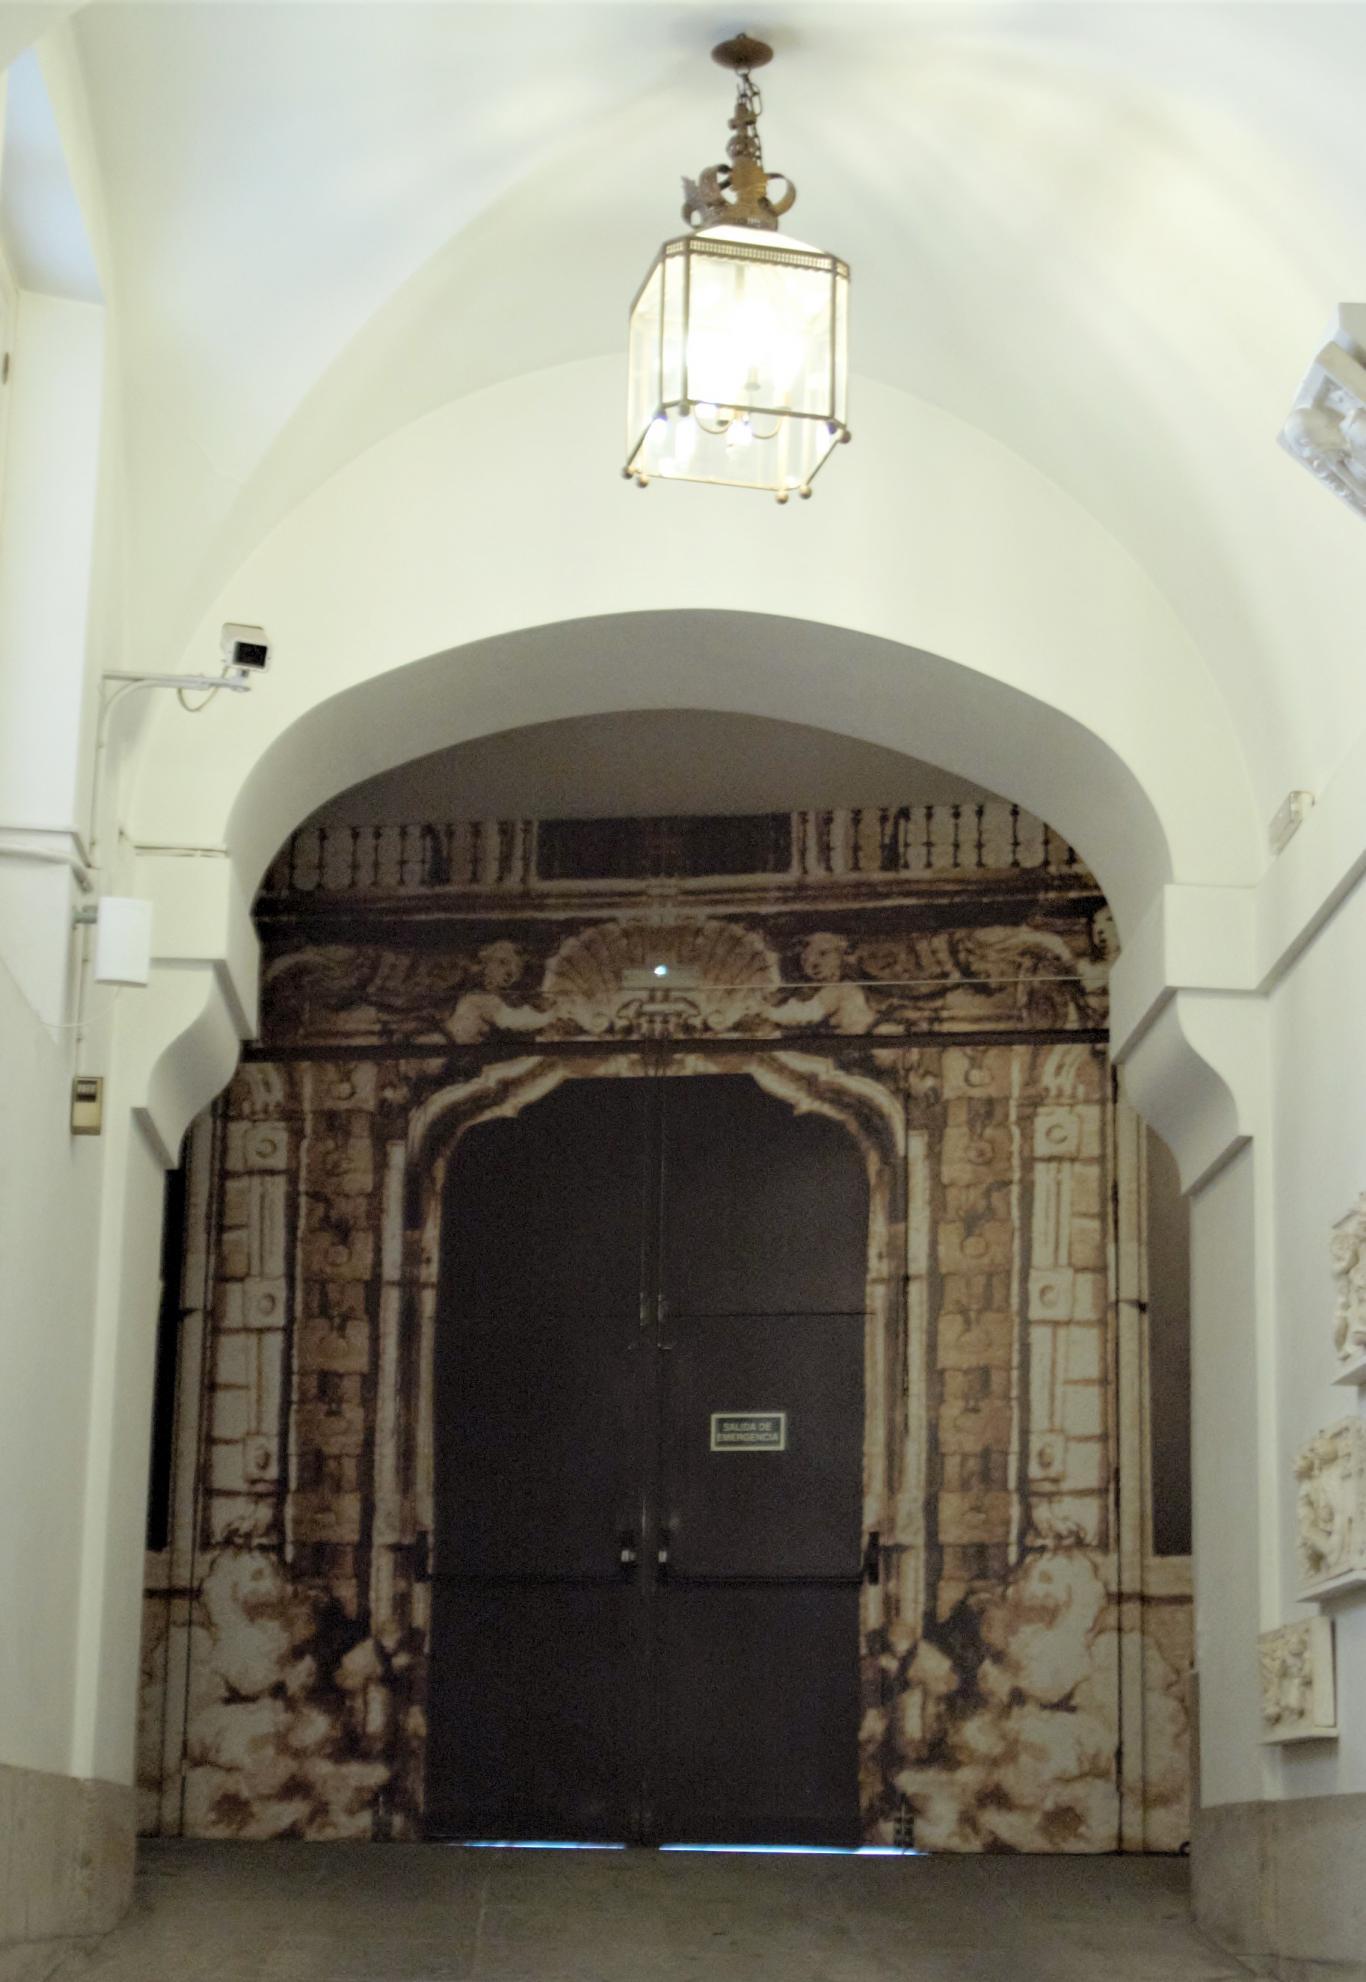 Trampantojo en la Real Academia de Bellas Artes de San Fernando. Madrid.